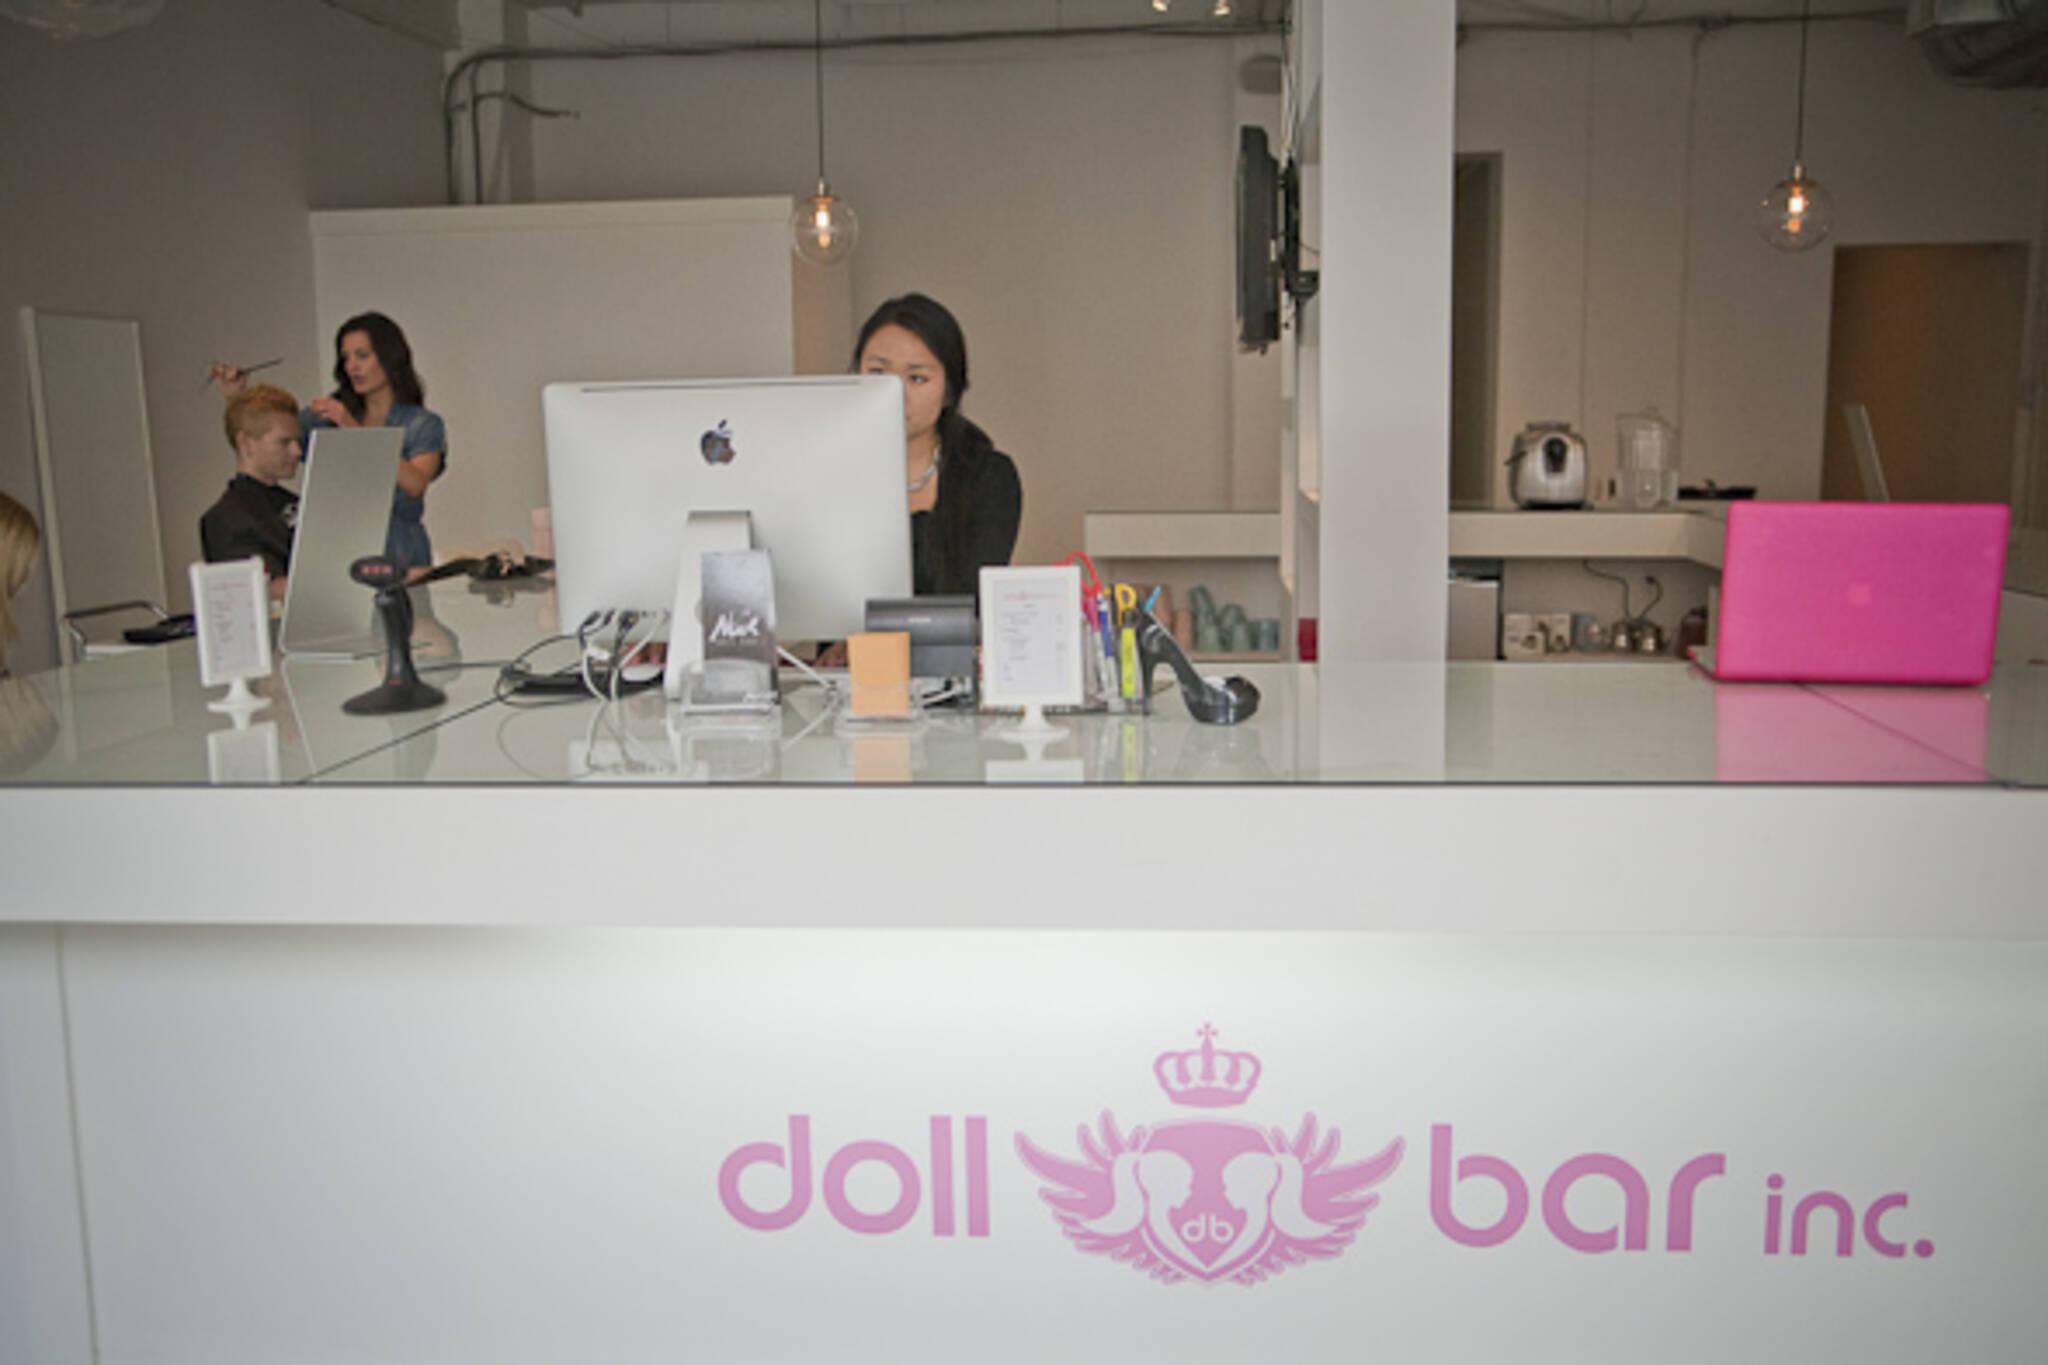 Doll Bar